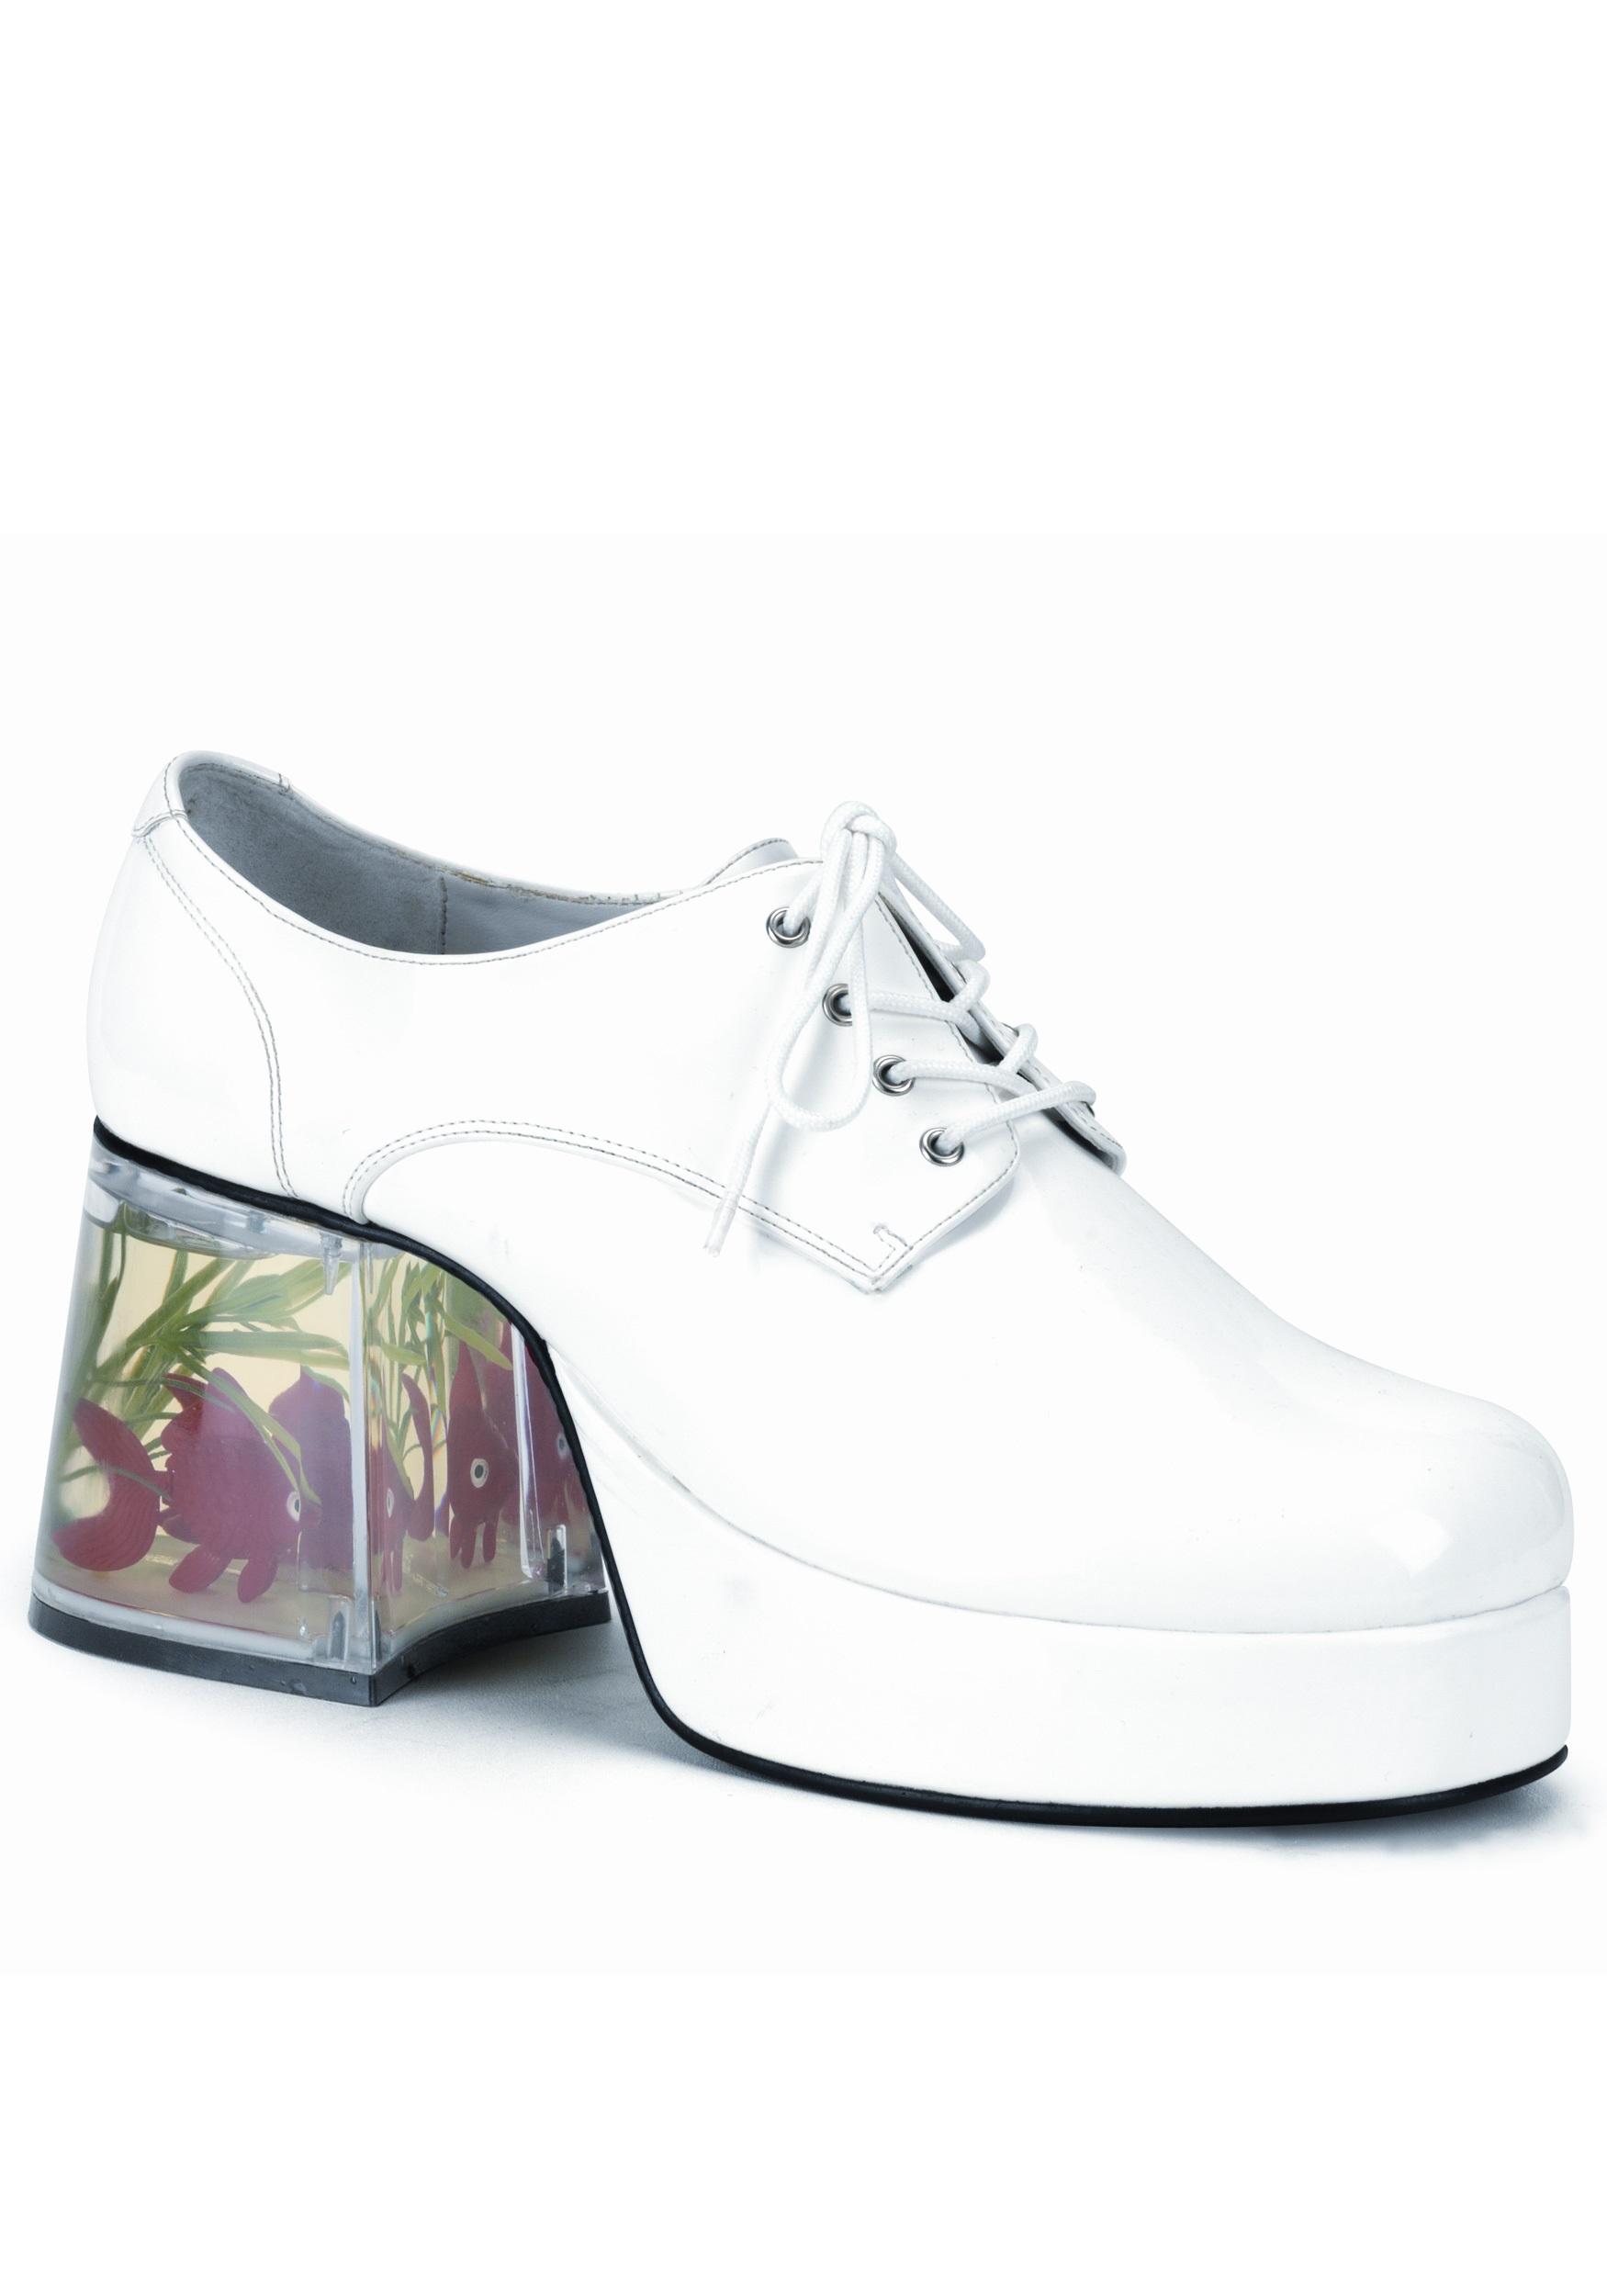 5a7a005ea61a Goldfish Disco Pimp Shoes - Funny Pimp Platform Shoes Accessory